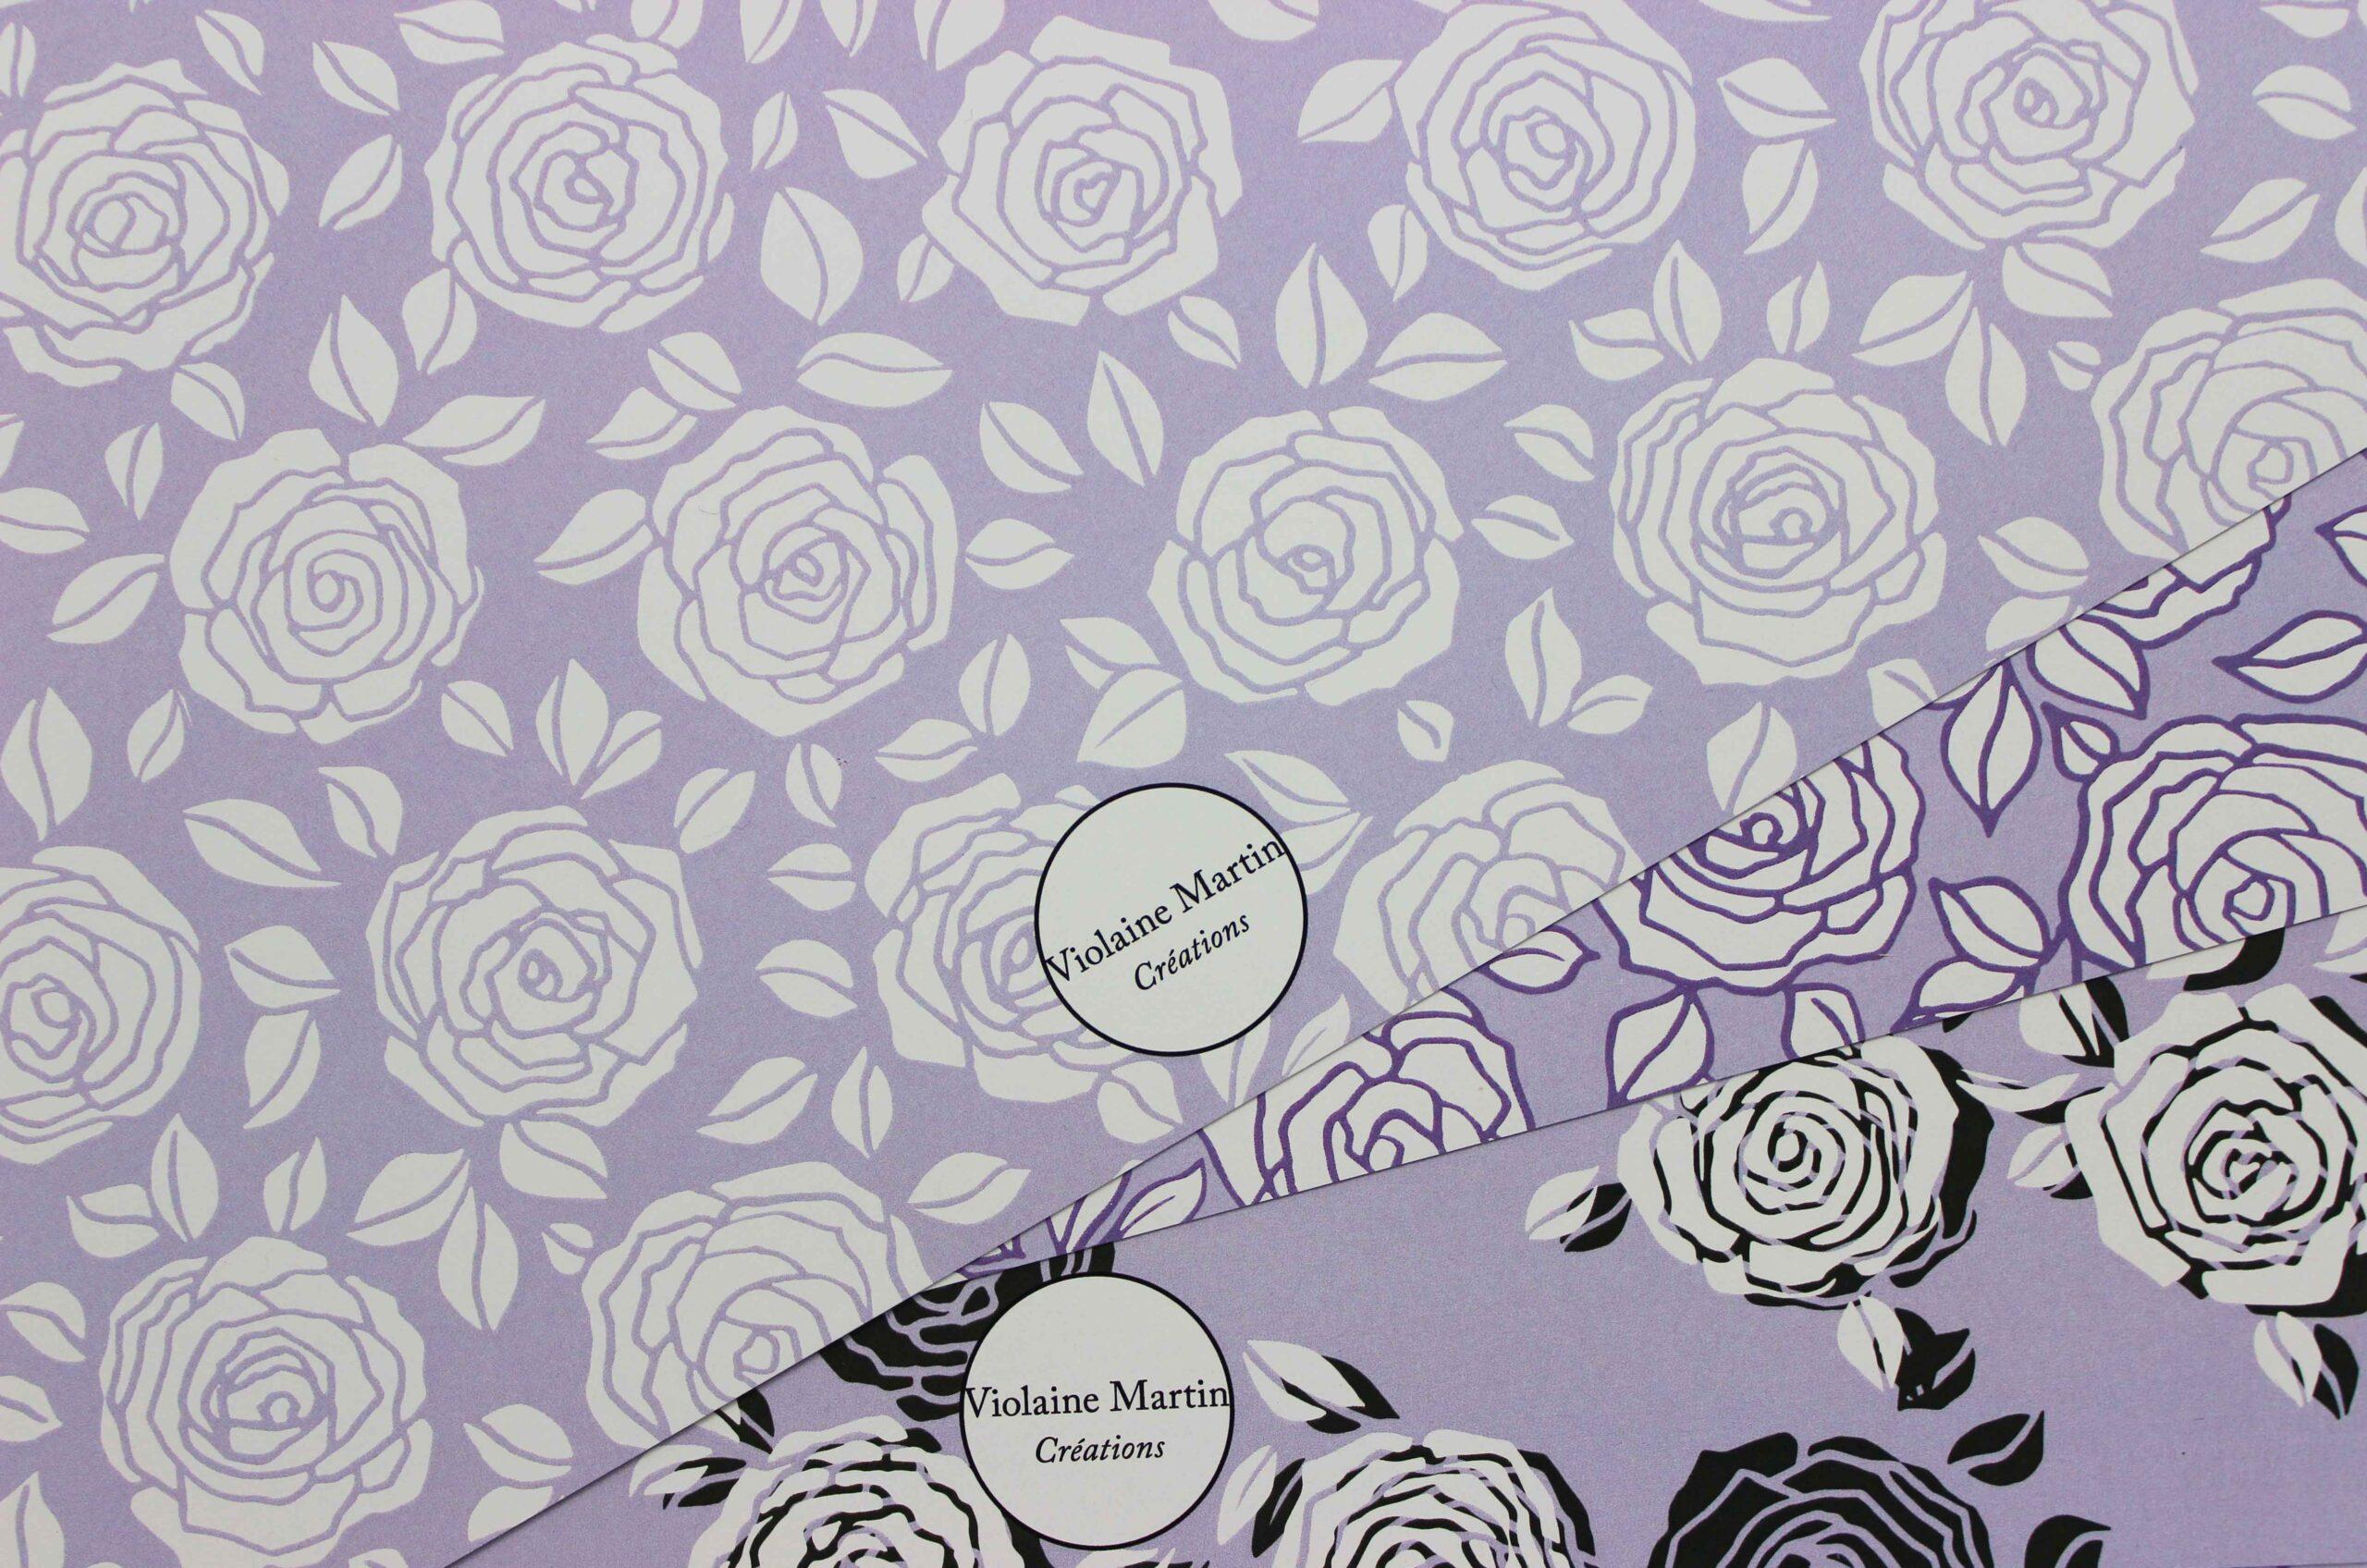 Motif textile roses anglaises - All-over - MOCO 3 - Violaine Martin Créations - Création textile - tissage jacquards, unis et velours - Hauts-de-France